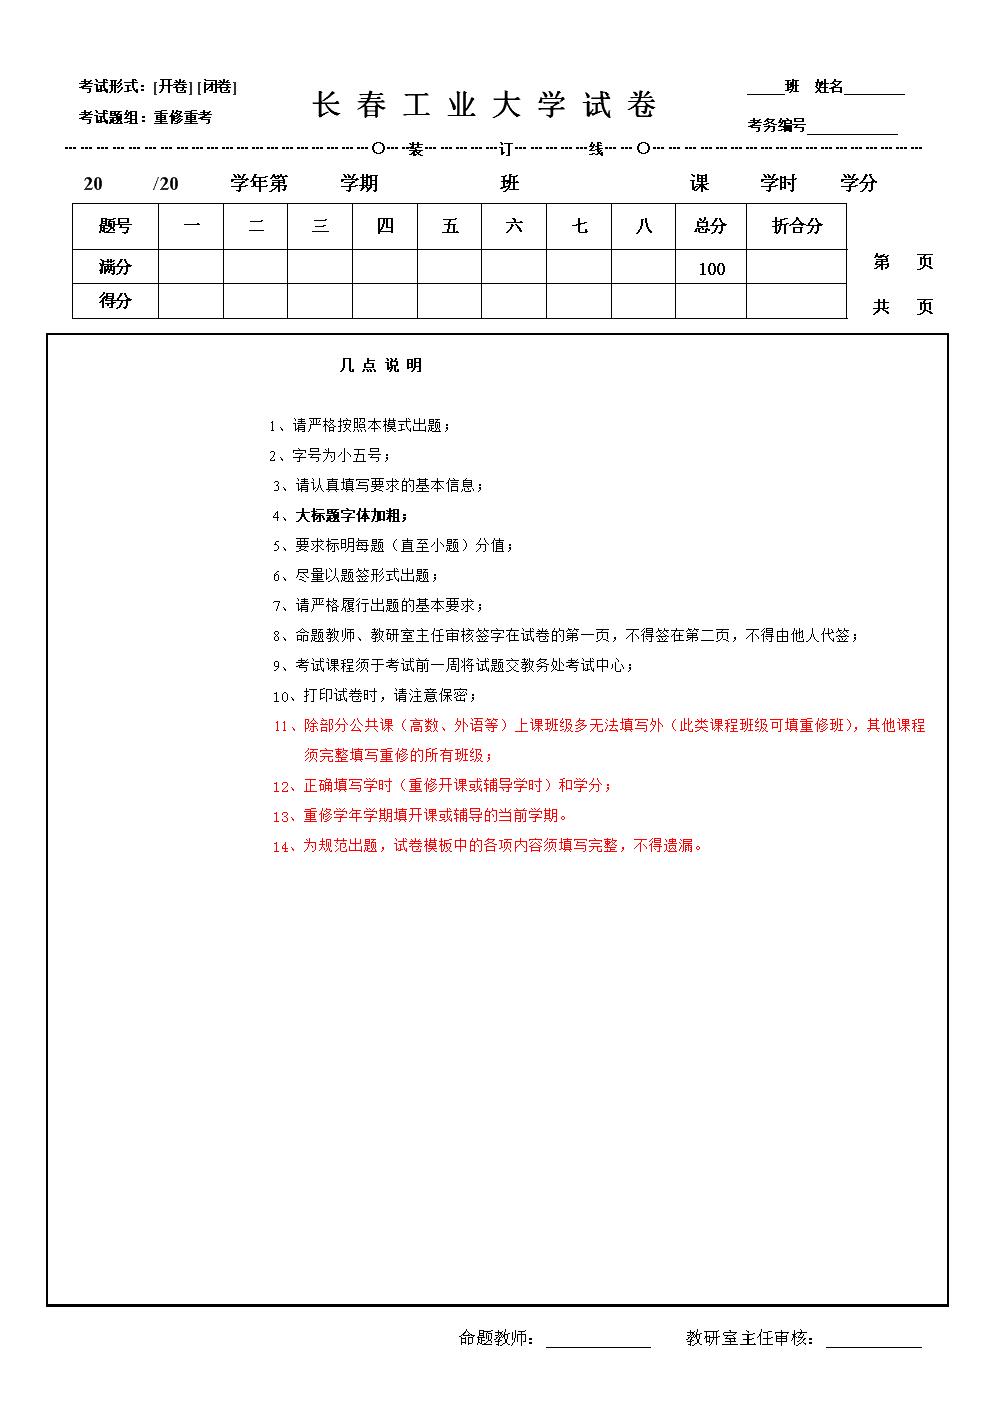 考试形式:[开卷] [闭卷] - ccuteducn.doc